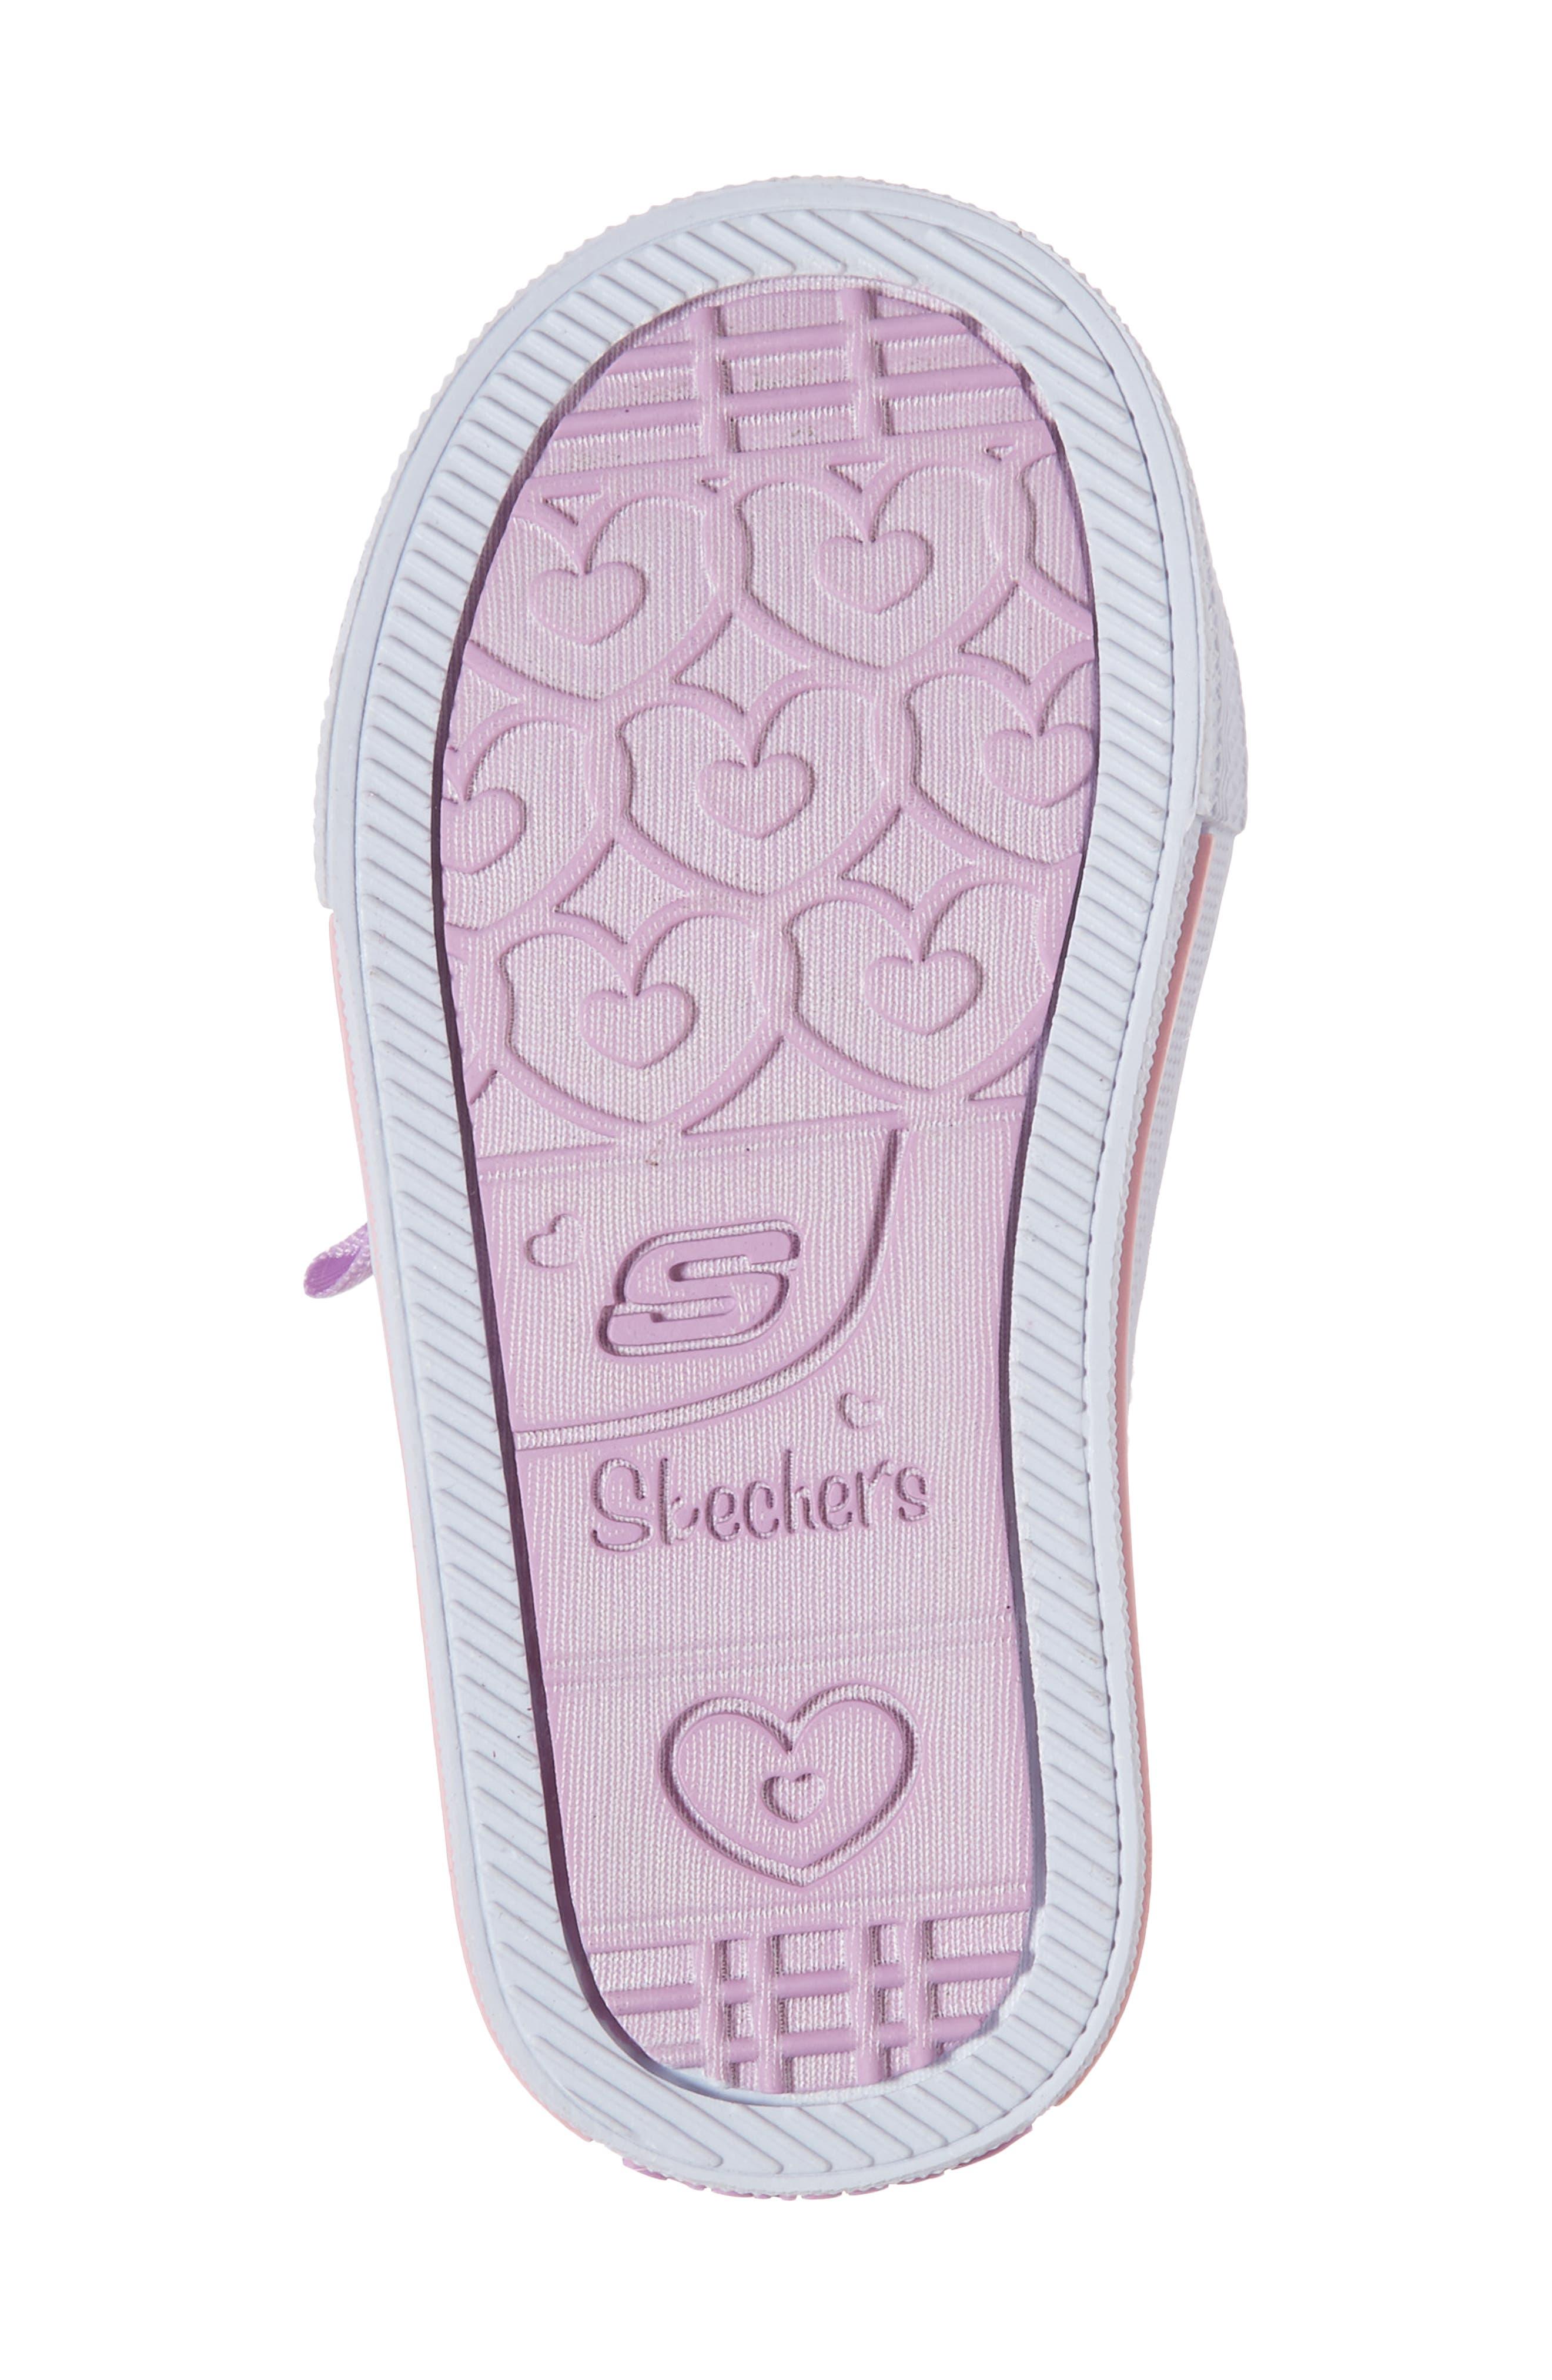 Twinkle Toes Shuffles Light-Up Glitter Sneaker,                             Alternate thumbnail 6, color,                             100